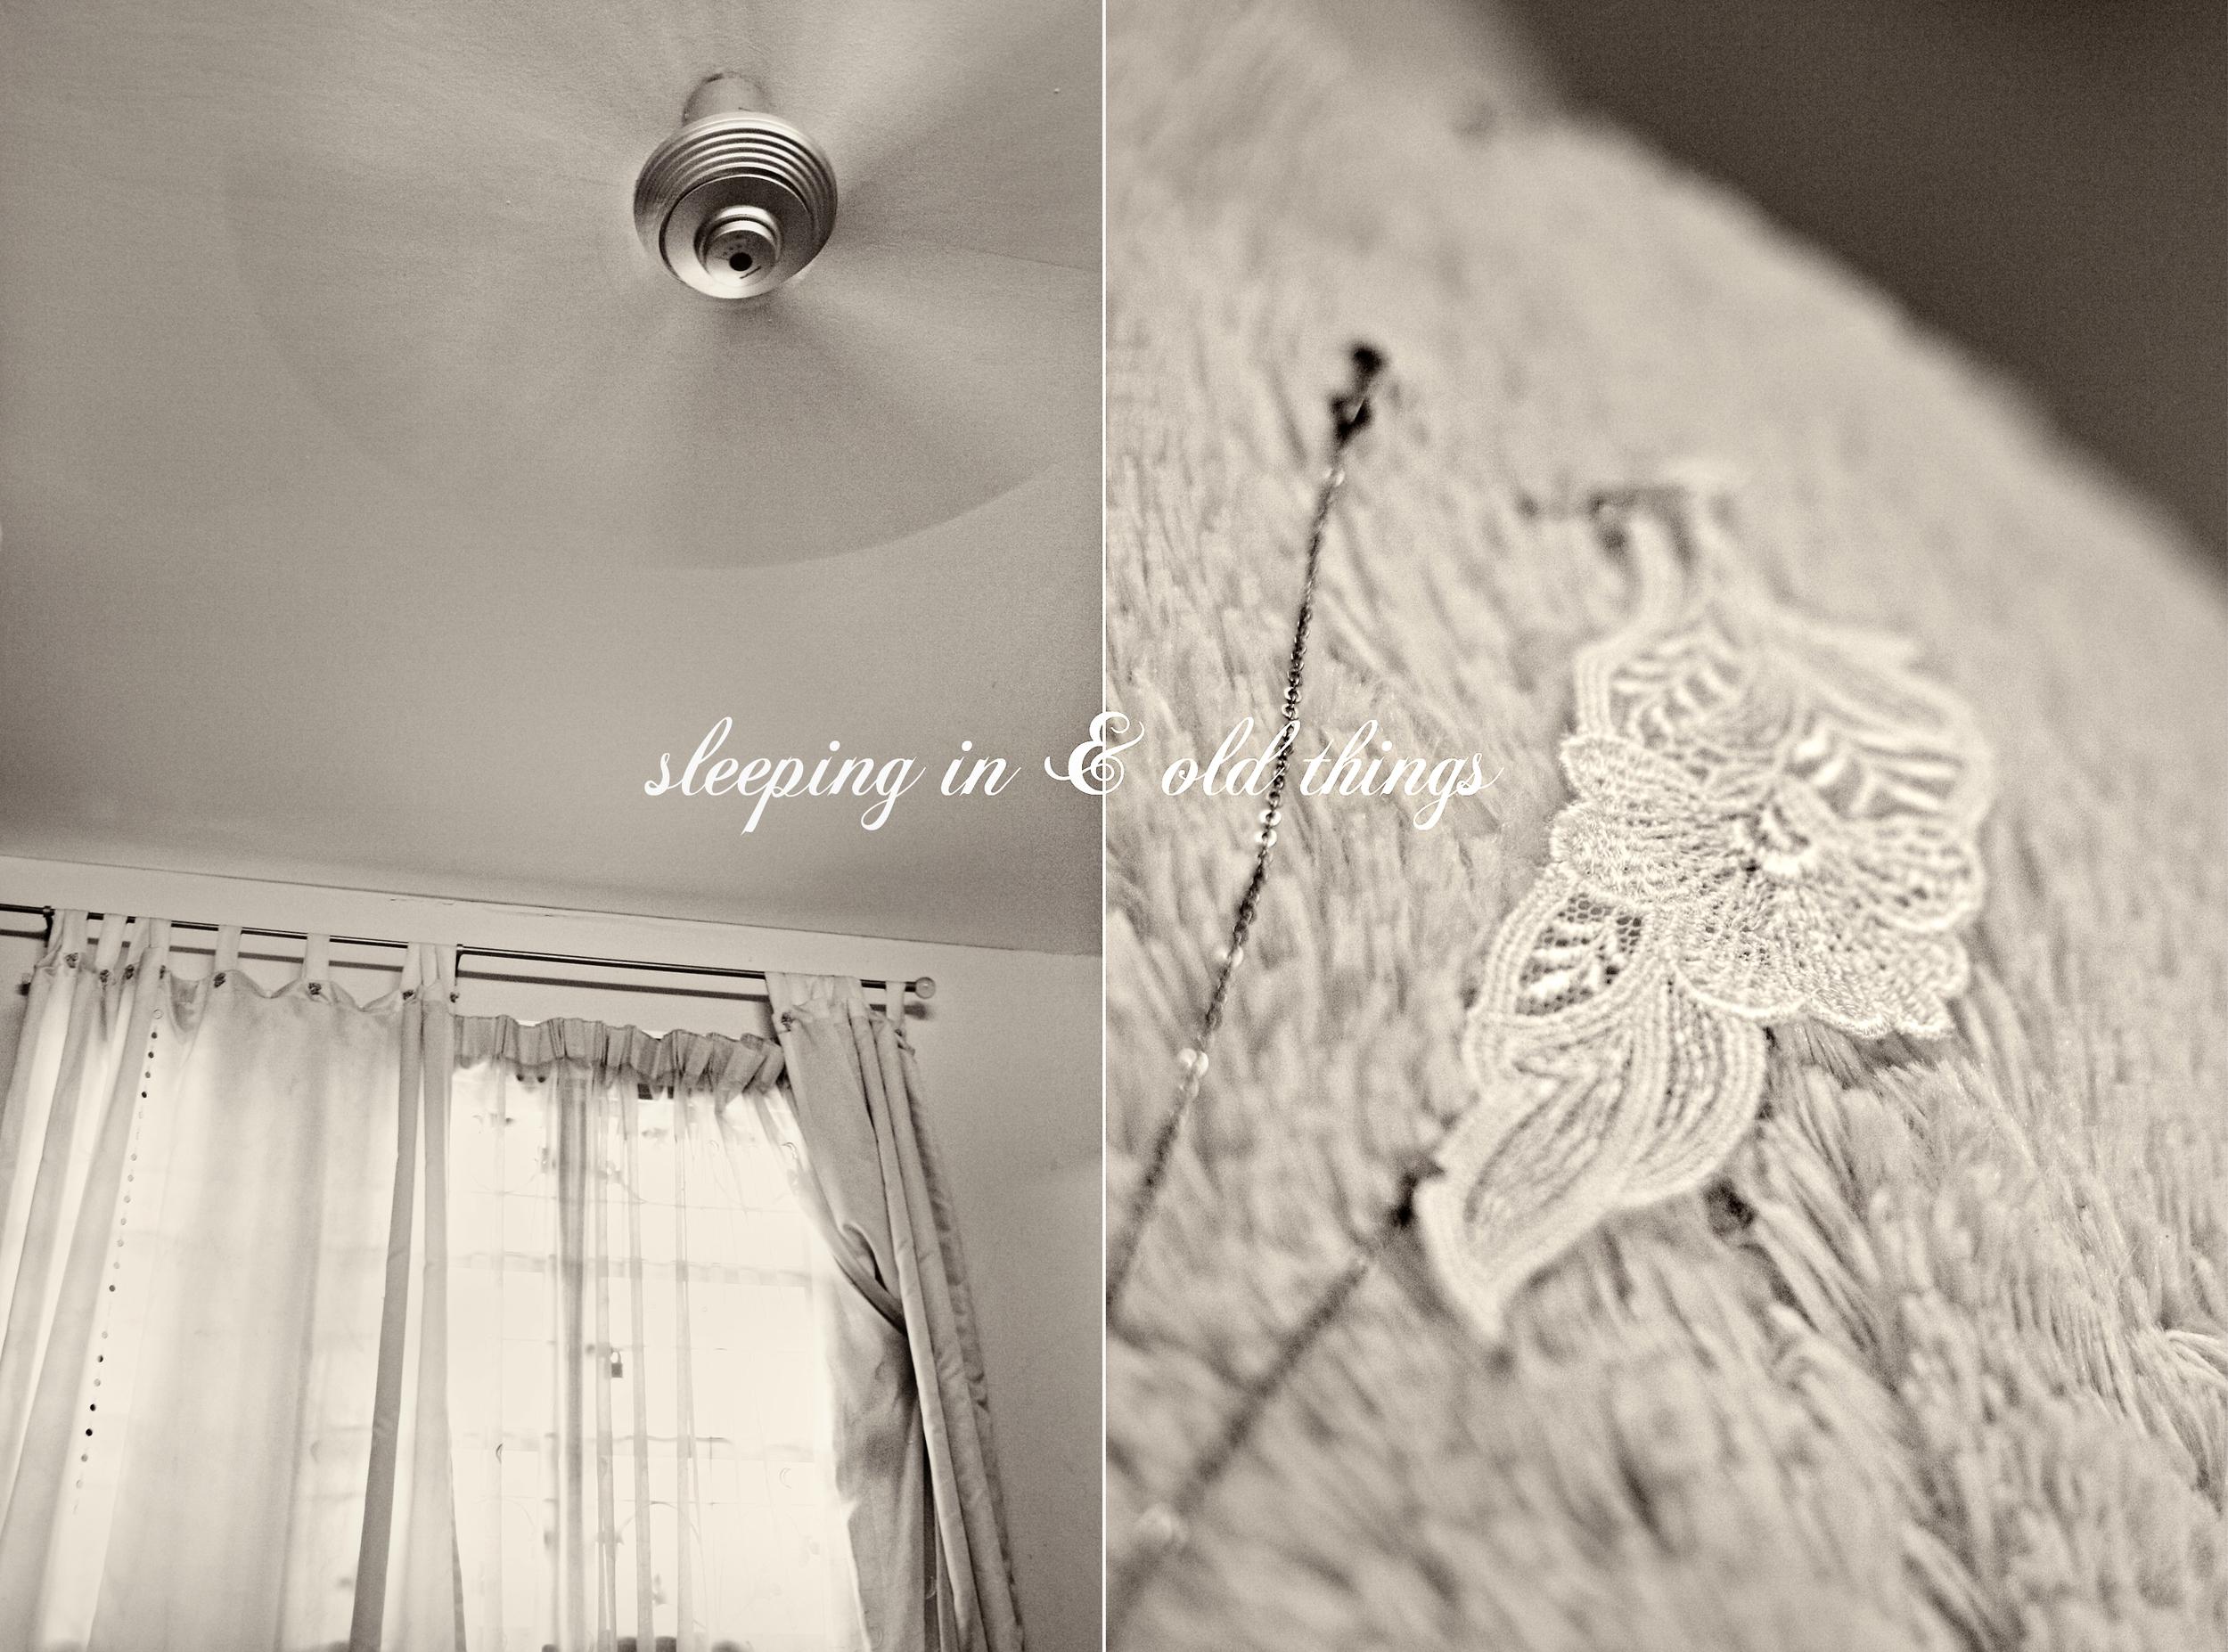 sleeping in & old things